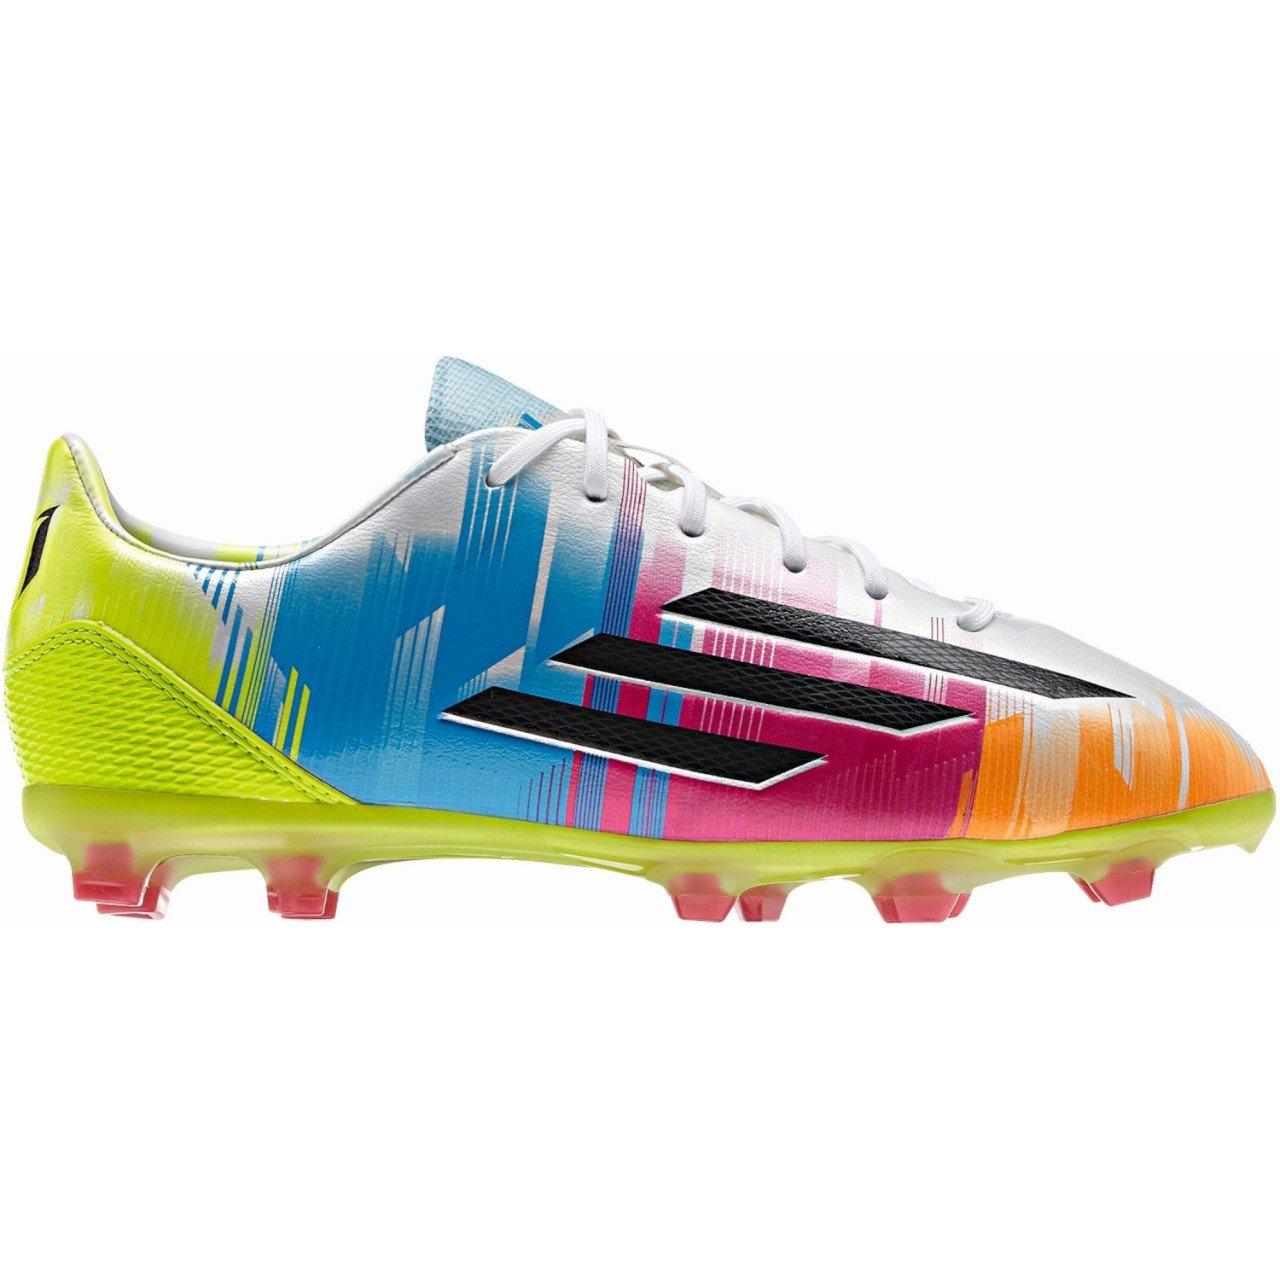 Adidas Schuhe Nockenschuhe F50 Fußball adizero FG Nockenschuhe Kinder Junior Kinder (Messi) runwht schwarz